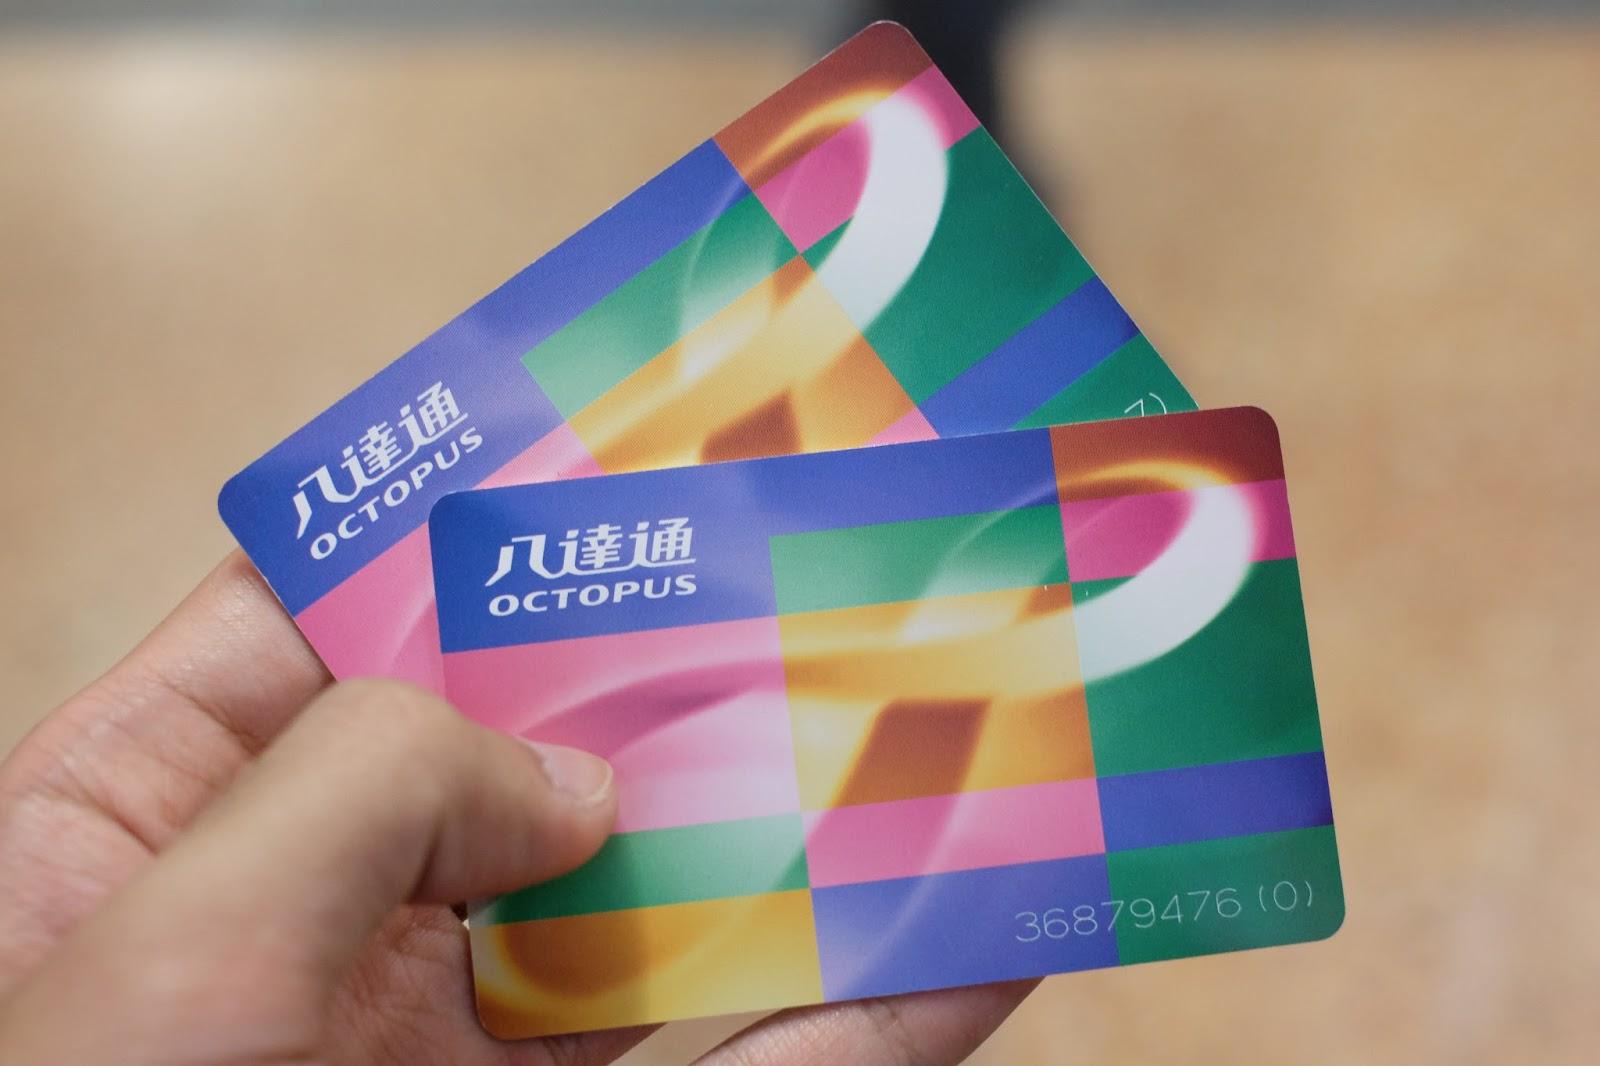 Biaya Liburan 5 Hari di Hong Kong dan Singapura-1 octopus card